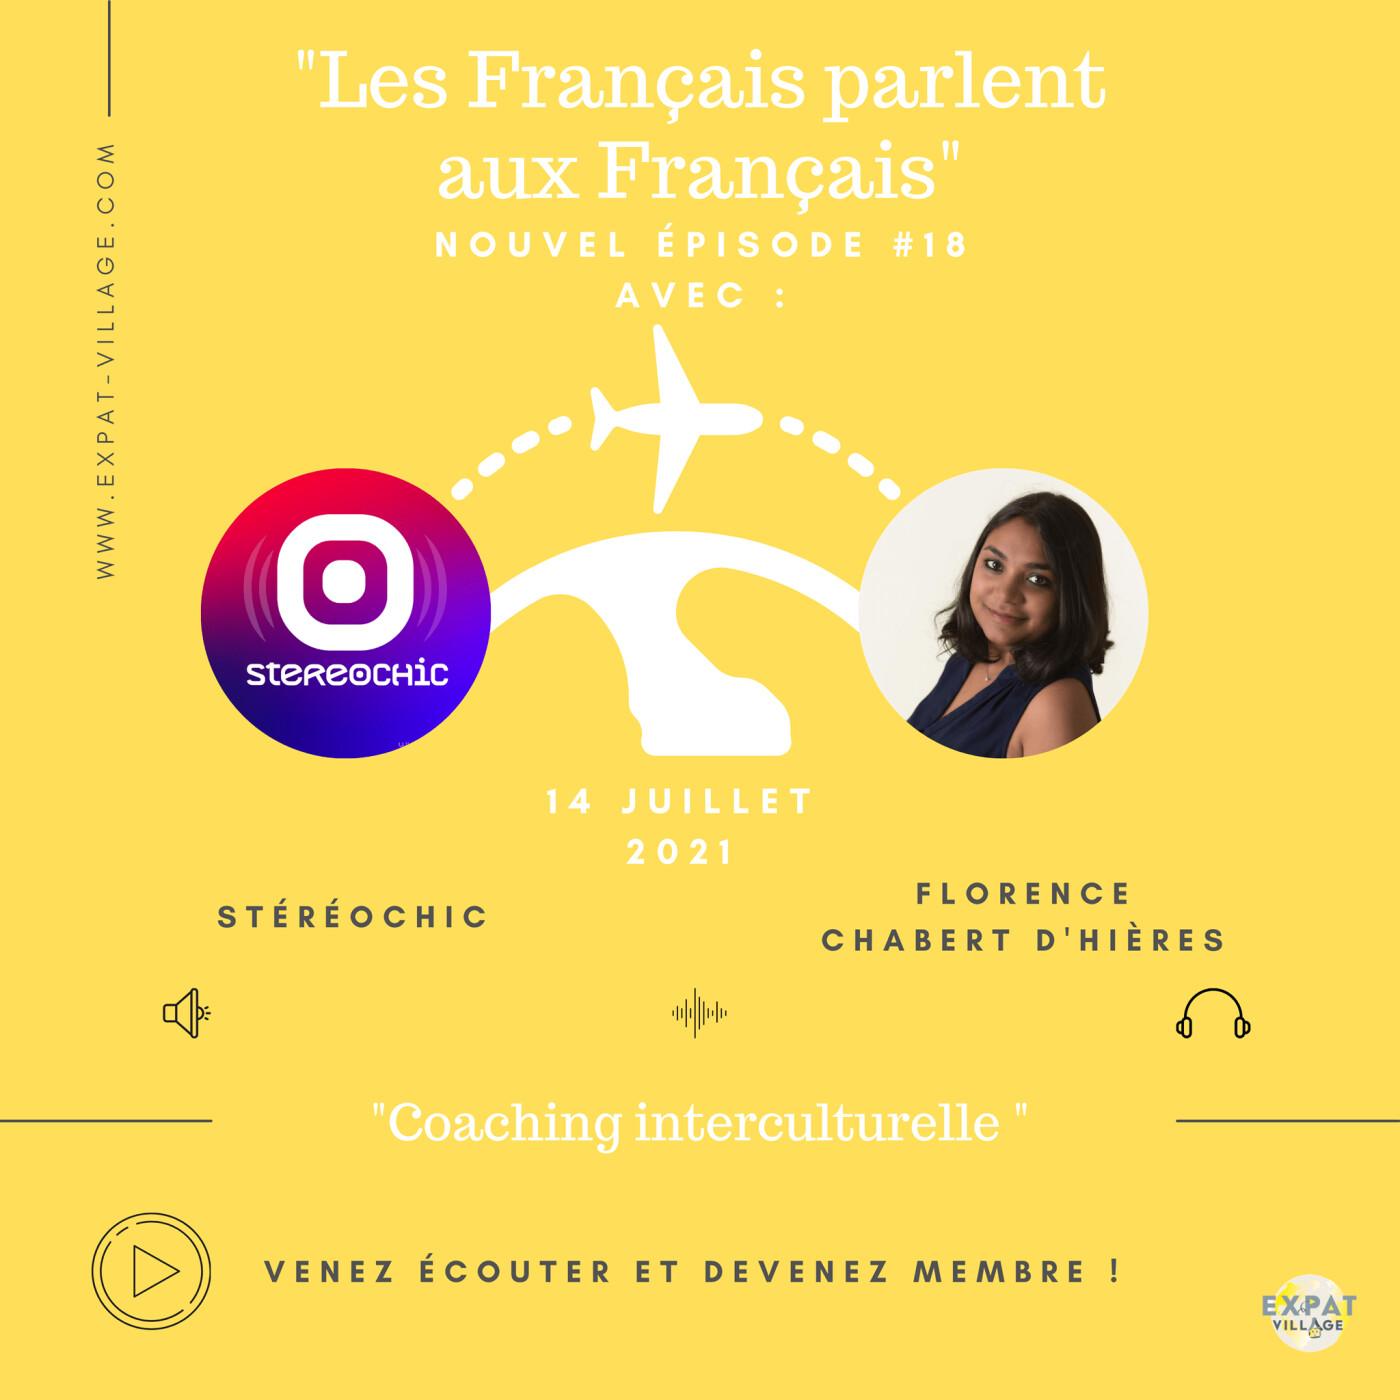 Florence parle des expats & de l'interculturalité - 14 07 2021 - StereoChic Radio